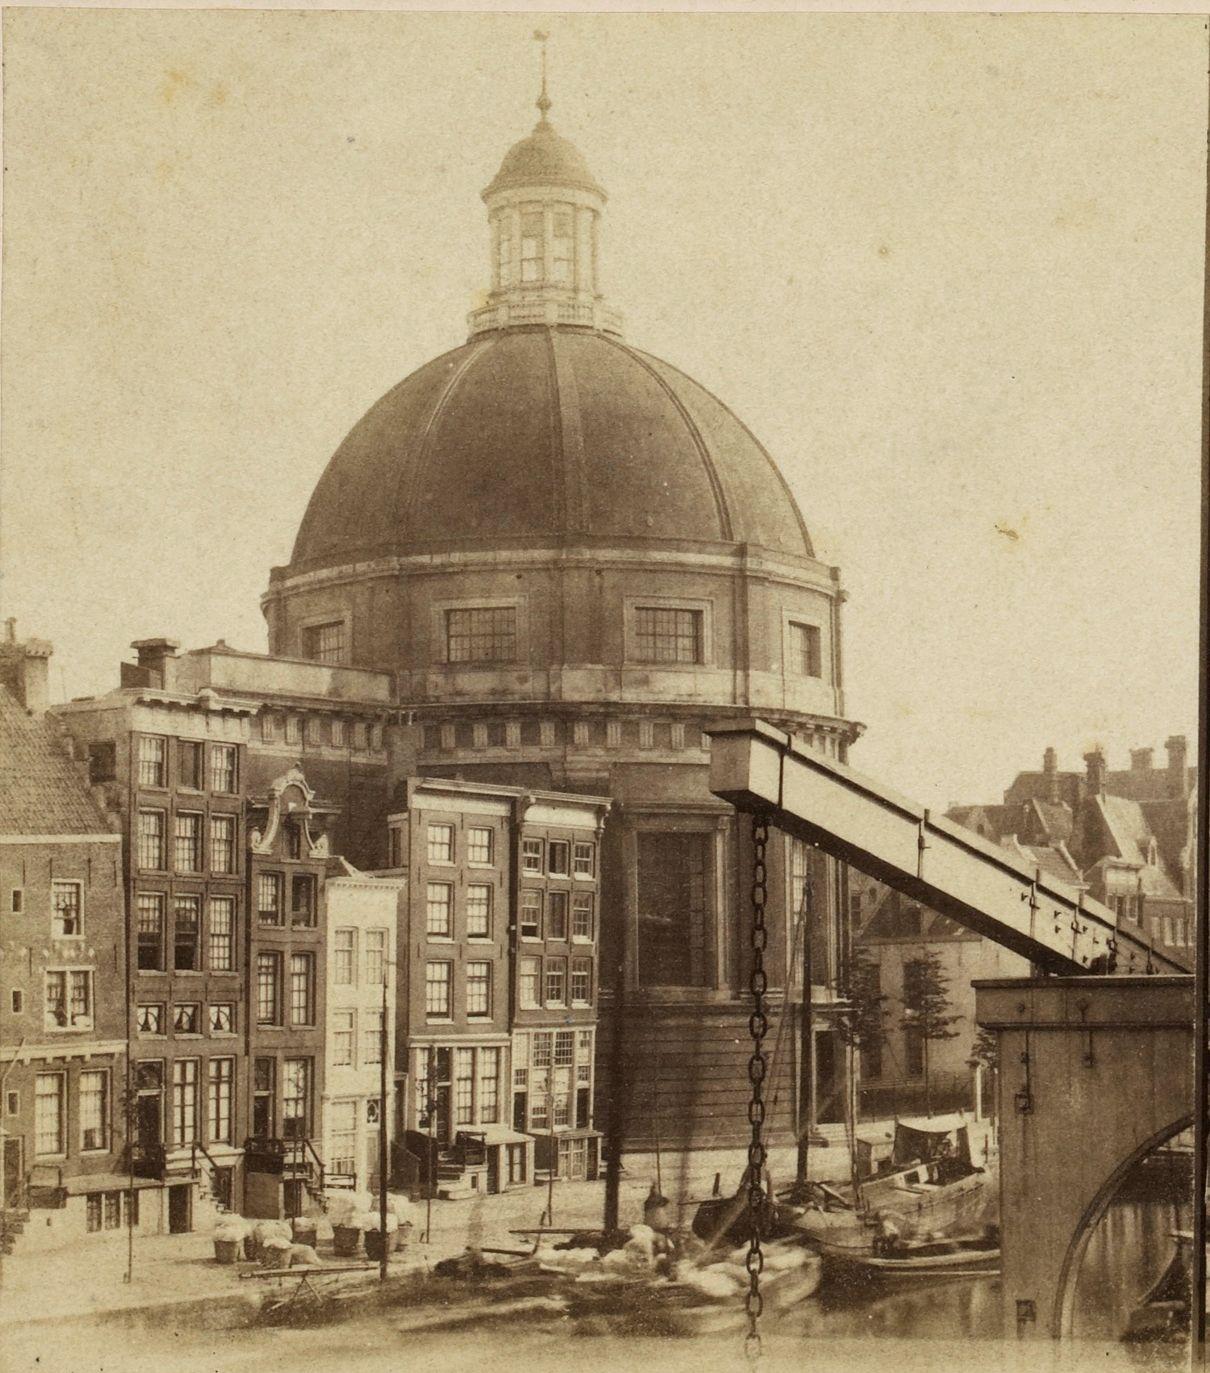 The Ronde Lutherse Kerk or Koepelkerk